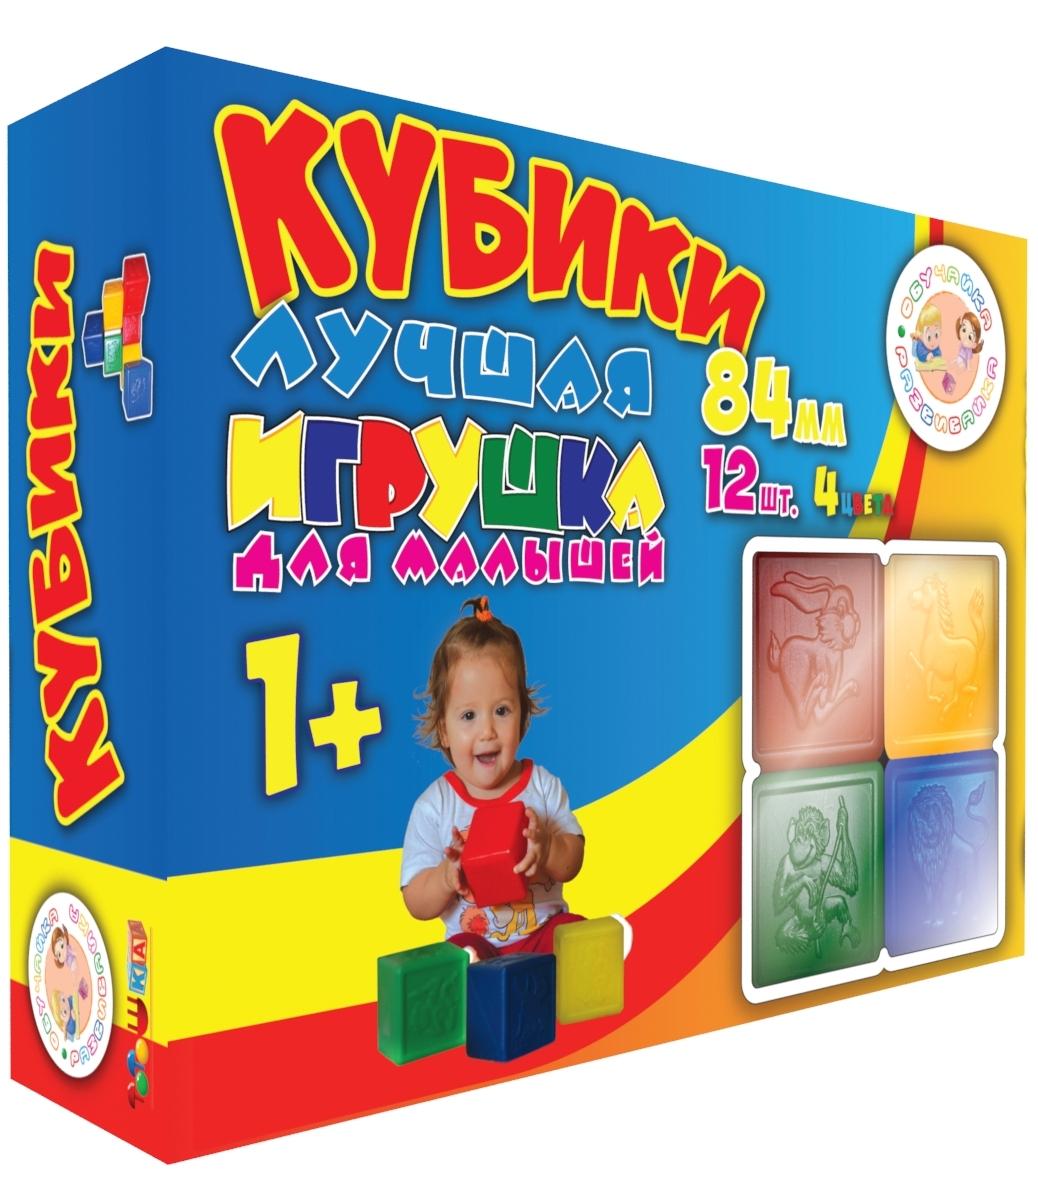 Тотошка Кубики выдувныетт00-065Для крохи знакомство с кубиком начинается с ознакомительных экспериментальных действий: бросание, ощупывание, перекатывание. Малыш начинает манипулировать предметами. Этот набор прекрасно подойдет и для юных строителей. С помощью этого набора ребенок научится строить дома, башни, ставя квадратные детали друг на друга, делать змейки на плоскости. Набор знакомит детей с основными цветами. Кубики имеют яркие желтый, синий, красный и зеленый цвета. Так же кубики знакомят ребят с животнами и птицами. Ребята по старше с помощью набора могут учиться и развивать логическое мышление. Кубики выполнены из легких не бьющихся, легко моющихся высококачественных материалов с использованием пищевых красителей, имеют безопасную форму без острых углов, абсолютно безопасны для здоровья ребенка.